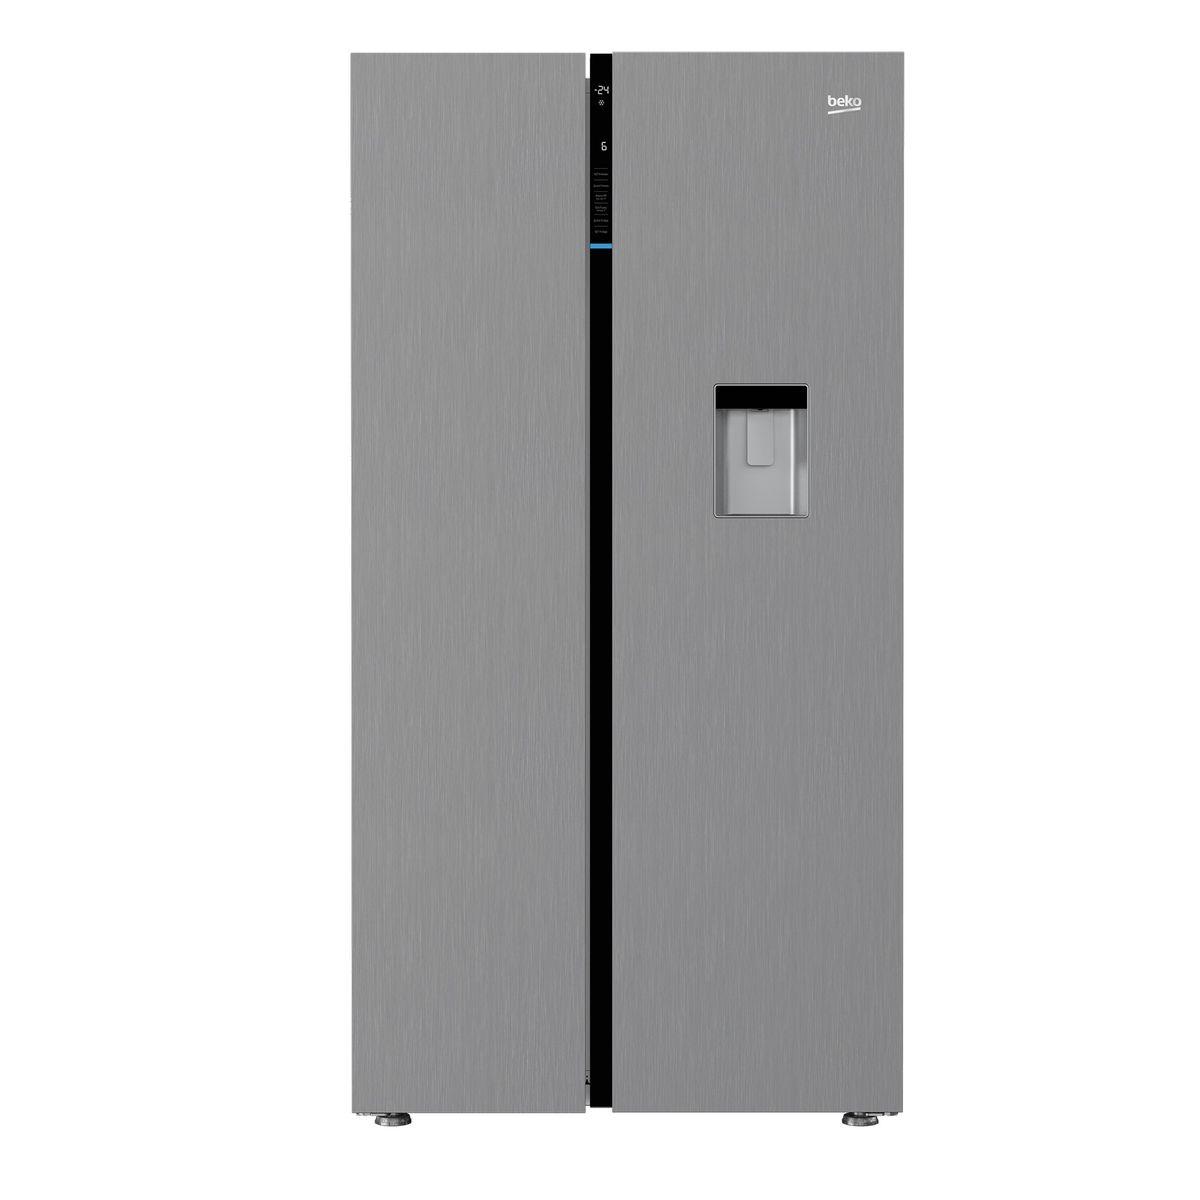 Réfrigérateur américain GN163131ZIE - 554 L, Froid Ventilé